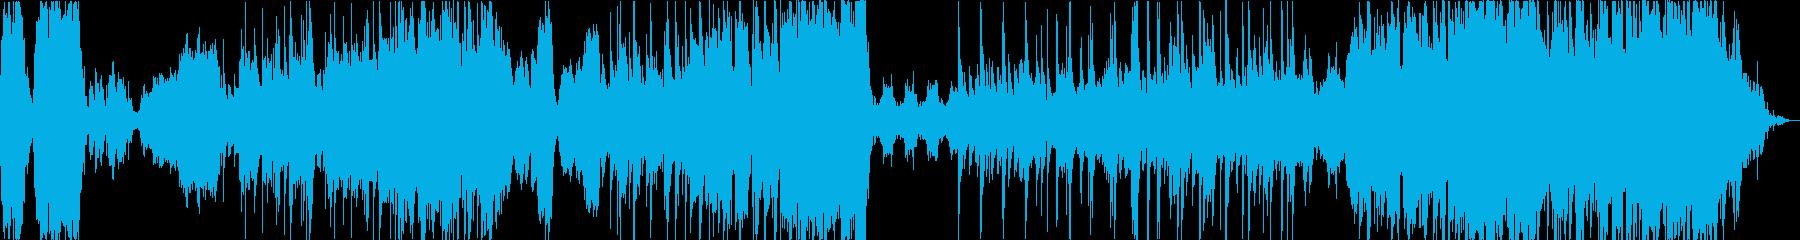 幻想的でJazzyなハイブリッド曲の再生済みの波形